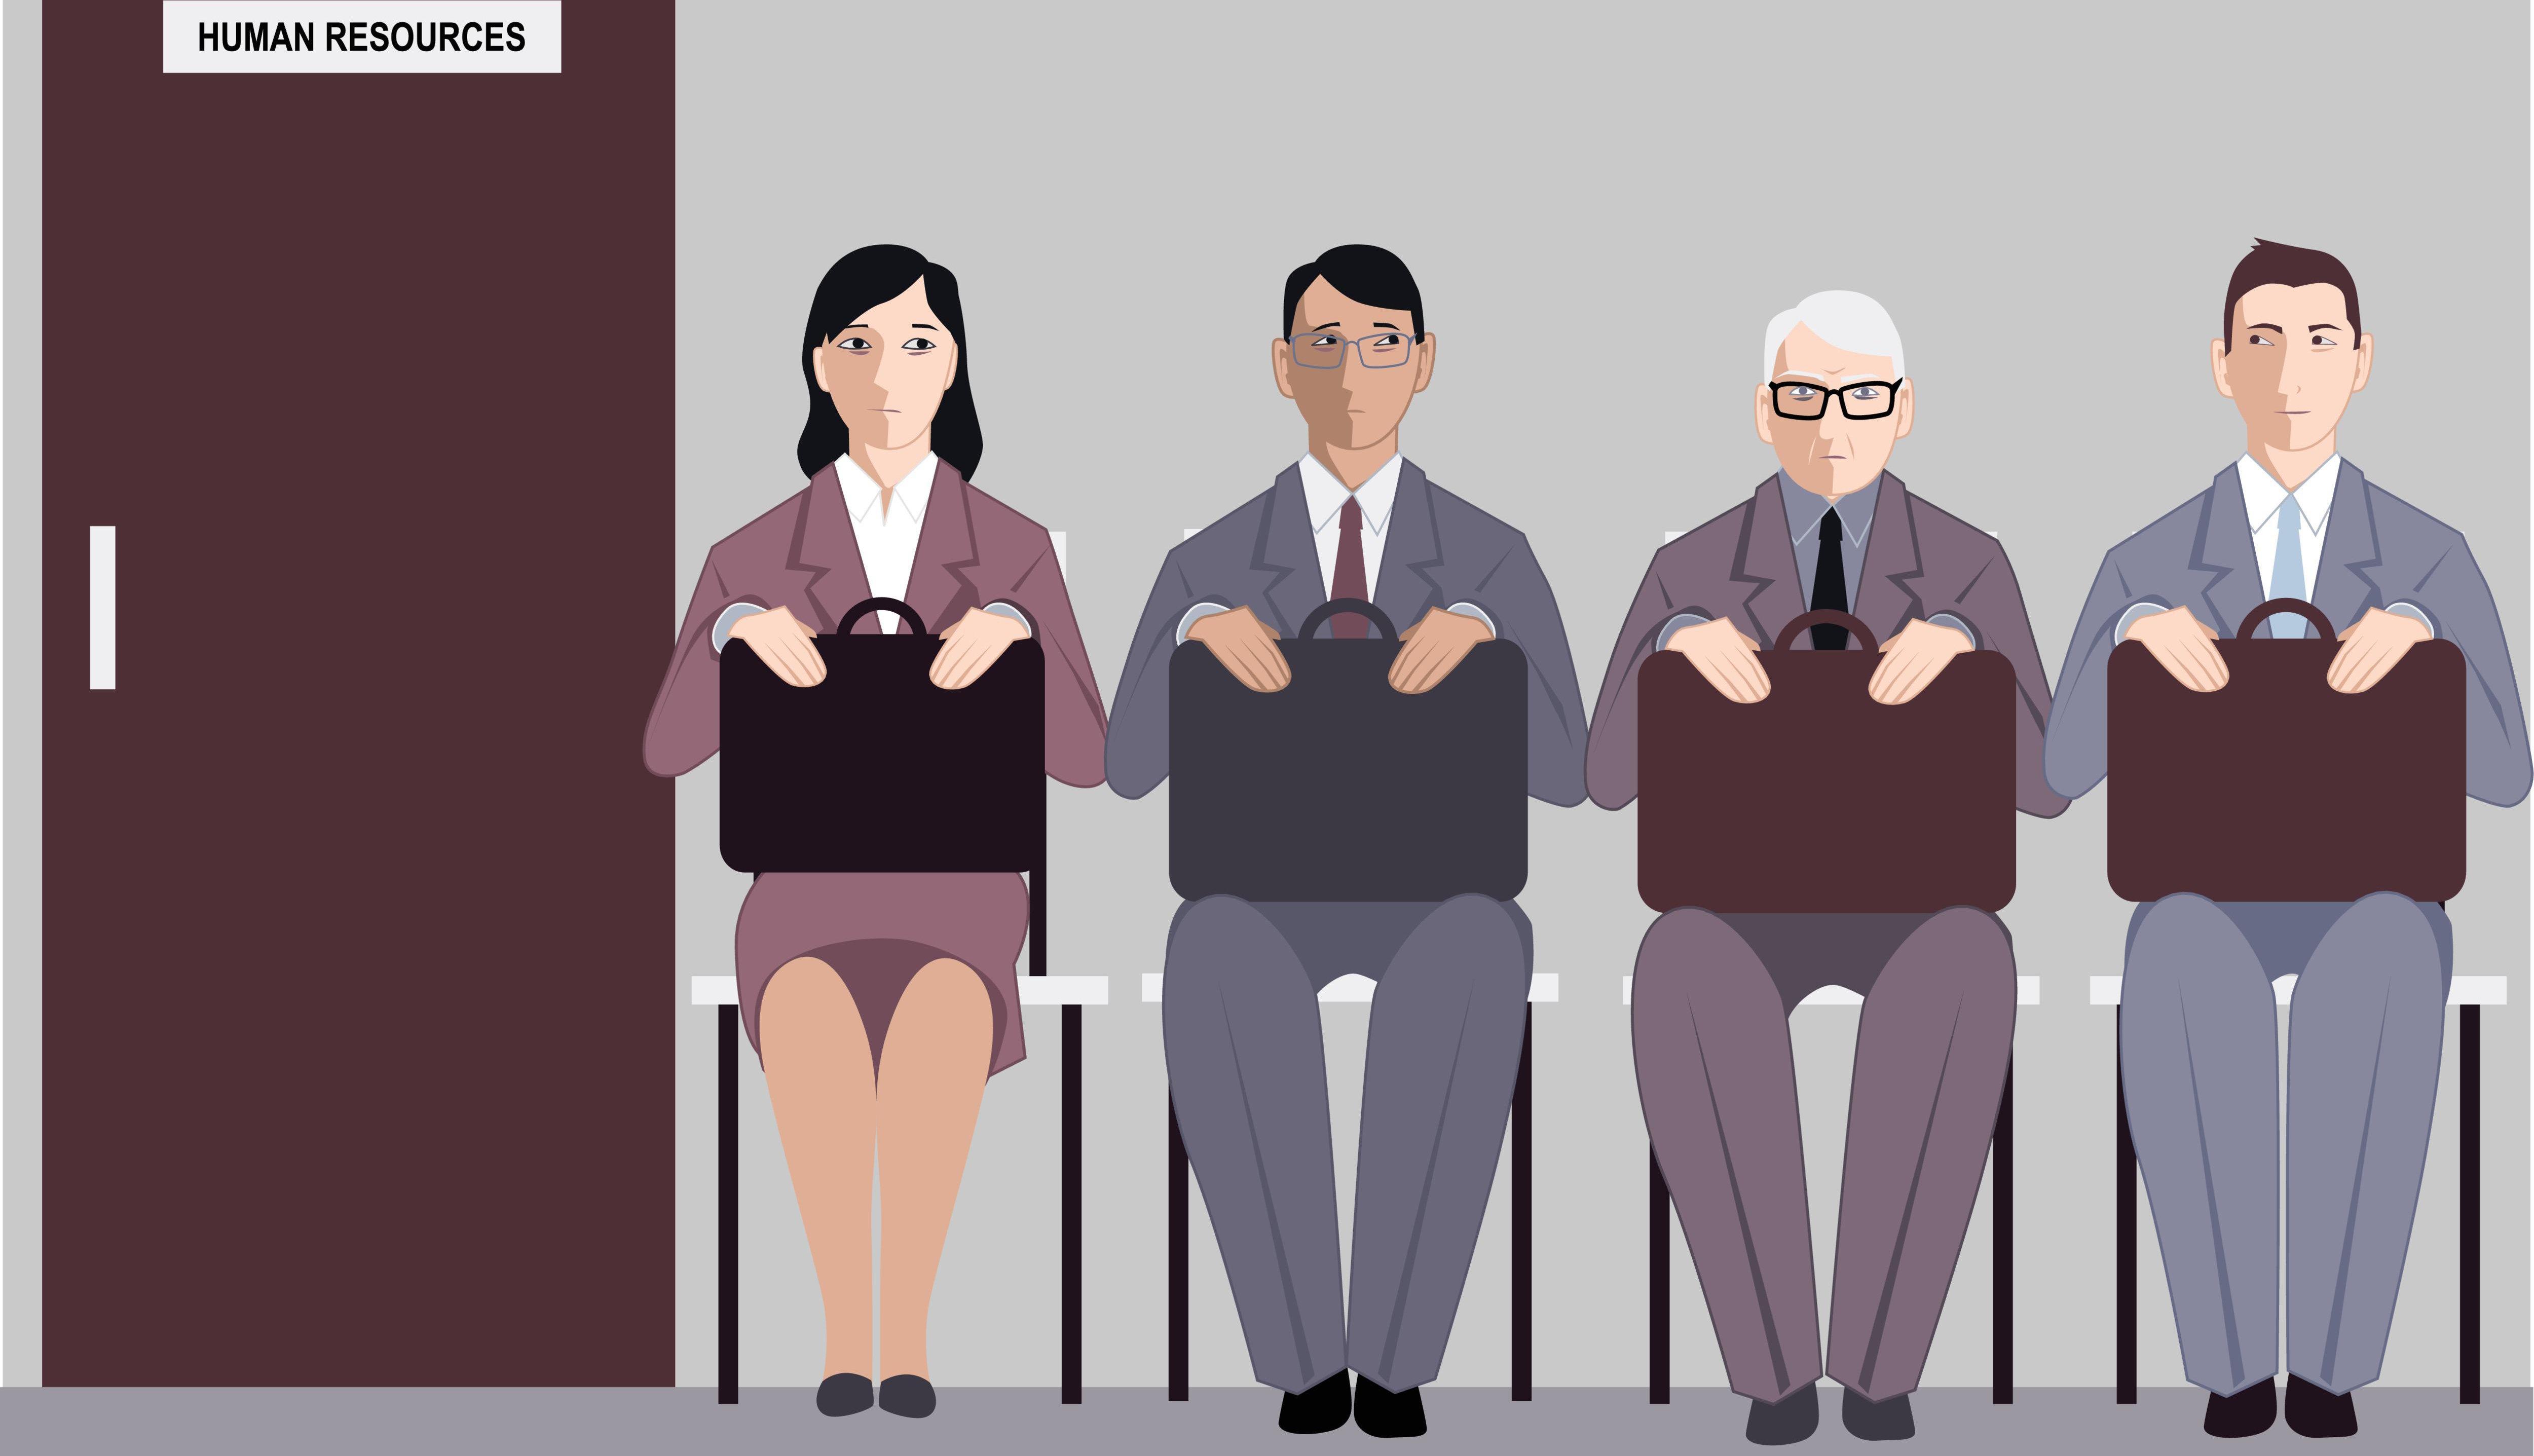 Hombre mayor esperando a ser entrevistado, entre otras personas de menor edad.